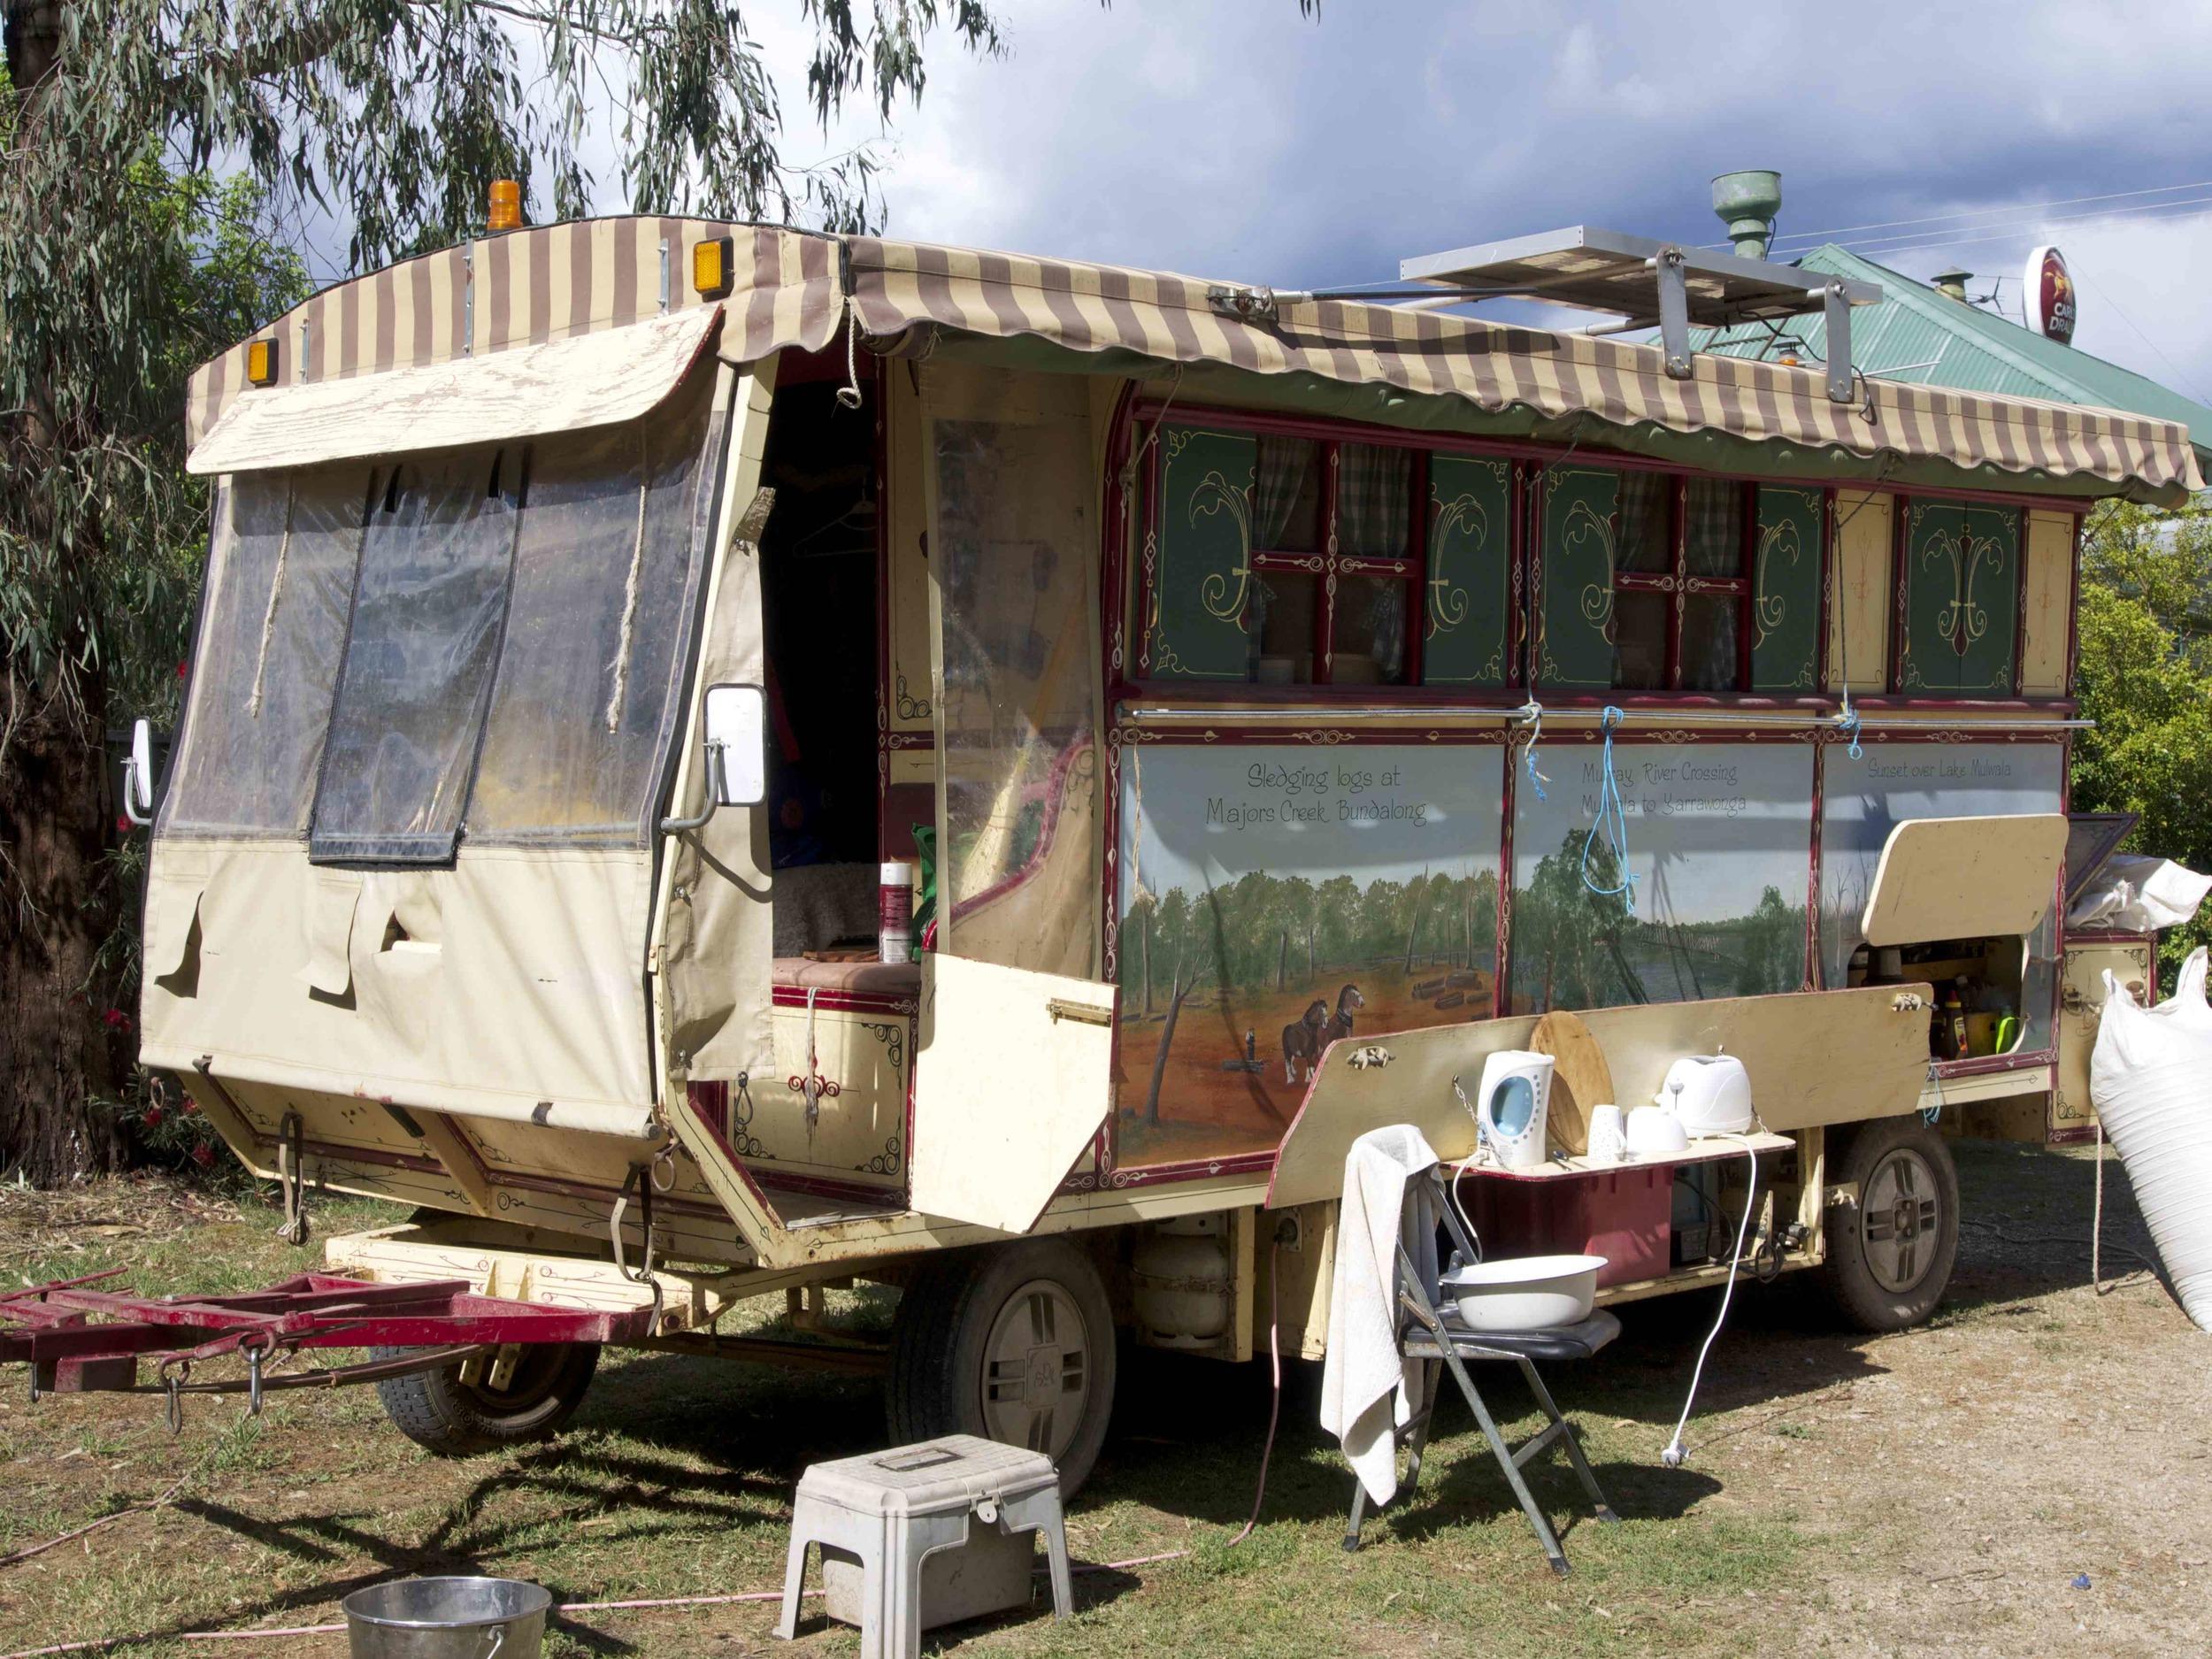 Sparra's gypsy wagon